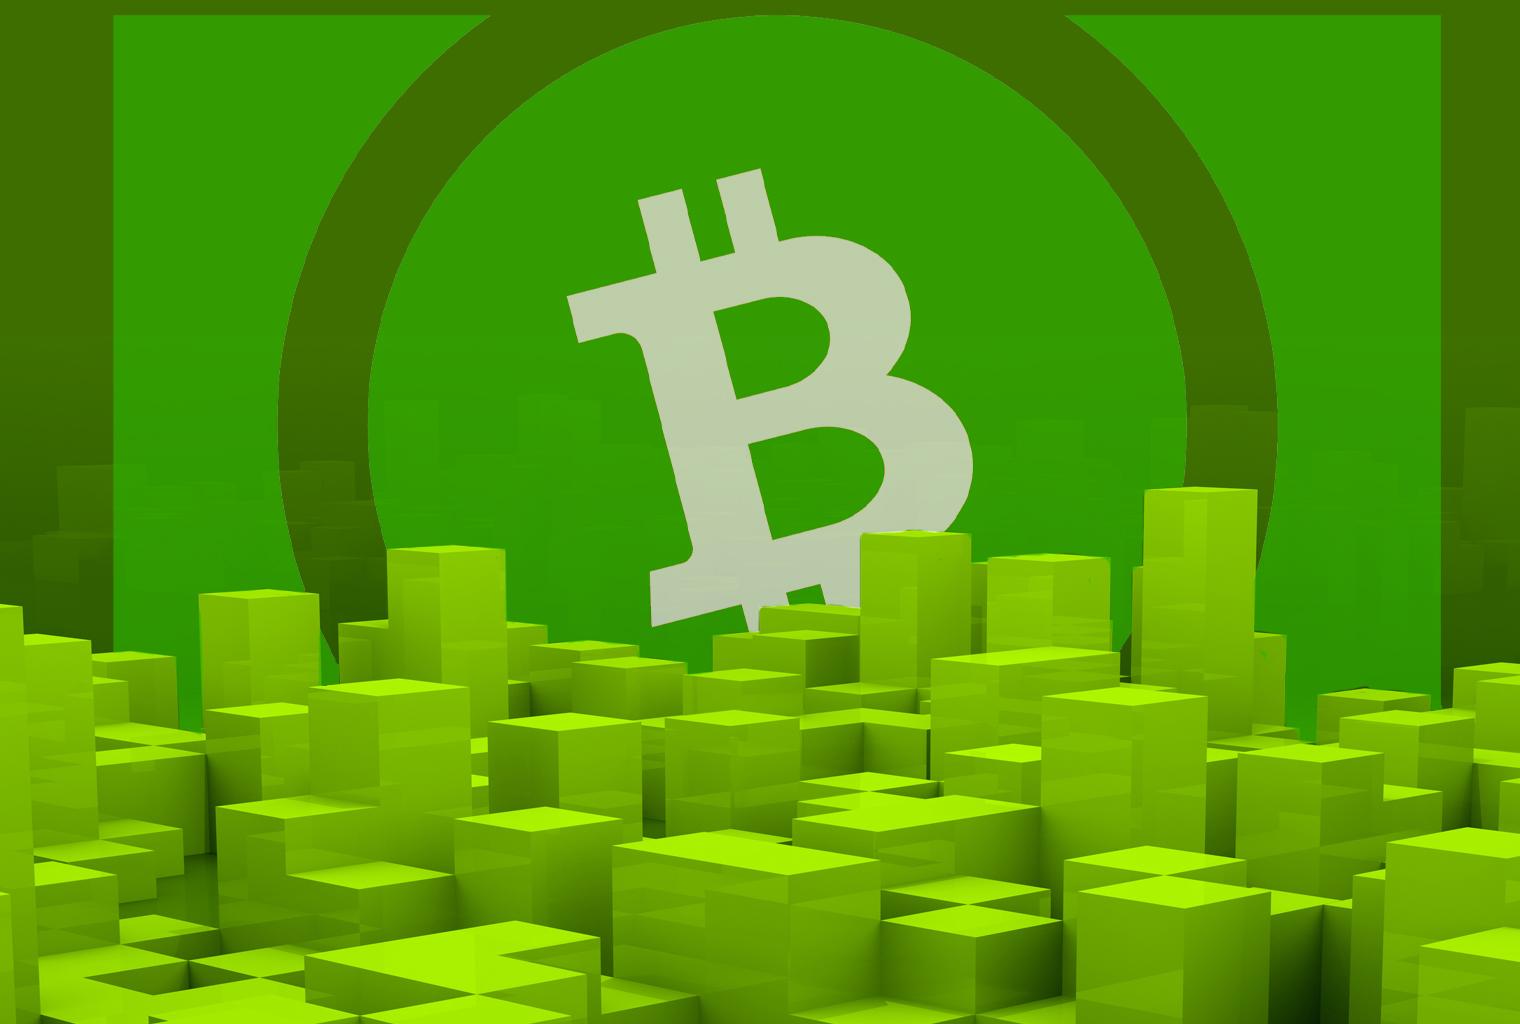 Qué esperar de la próxima actualización del protocolo de Bitcoin Cash